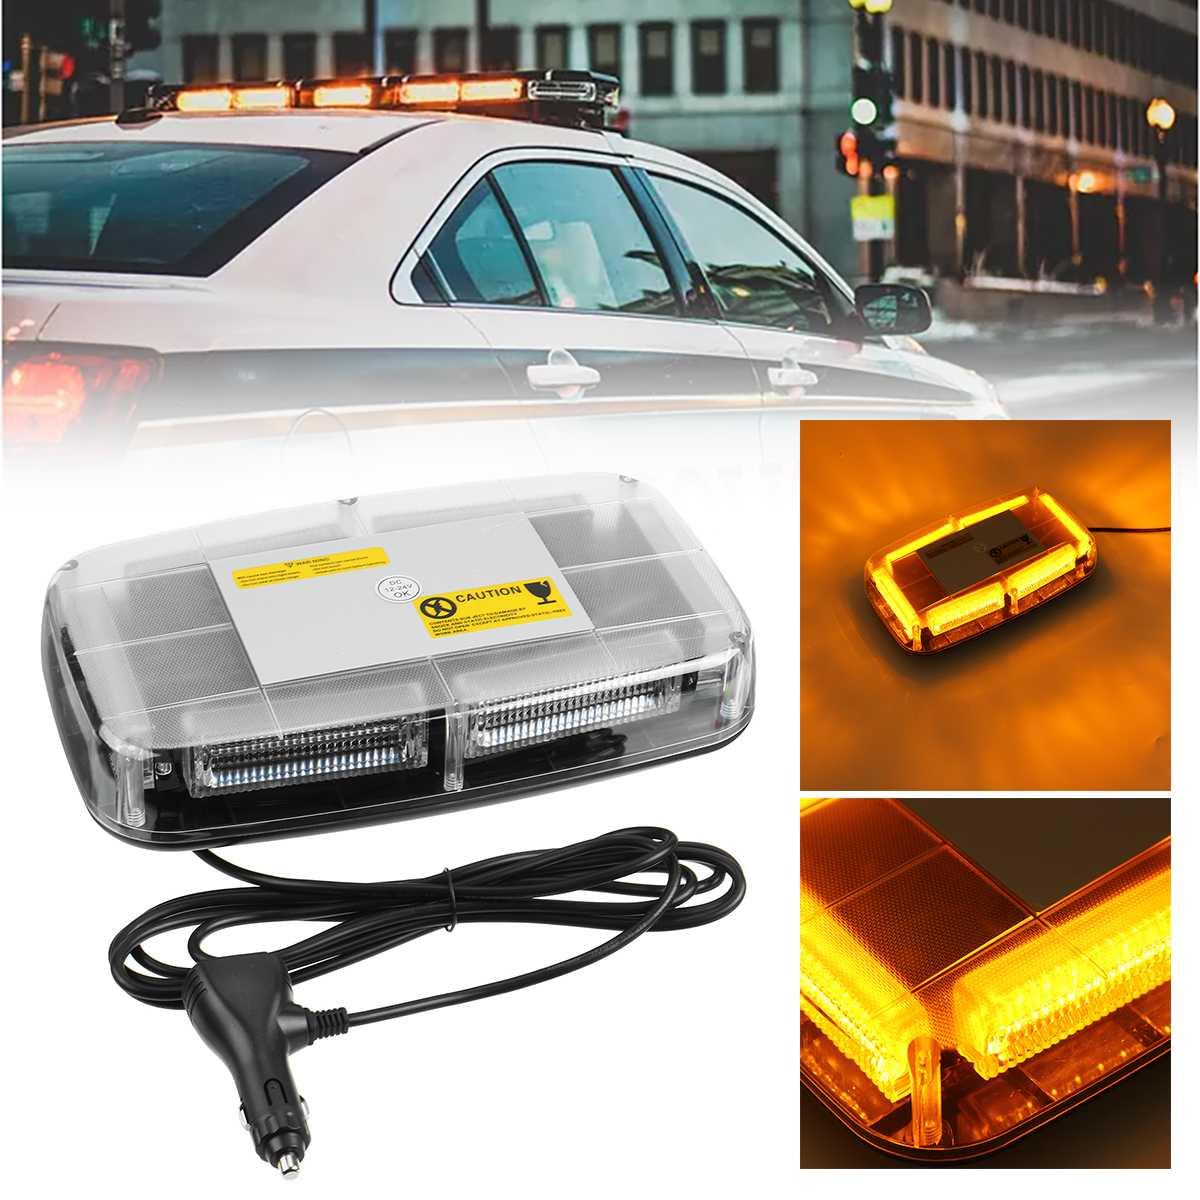 Luz de advertência do estroboscópio do telhado do carro luz de emergência à prova dwaterproof água led piscando luz de segurança magnética dc 12-24 v para o carro do caminhão do trator